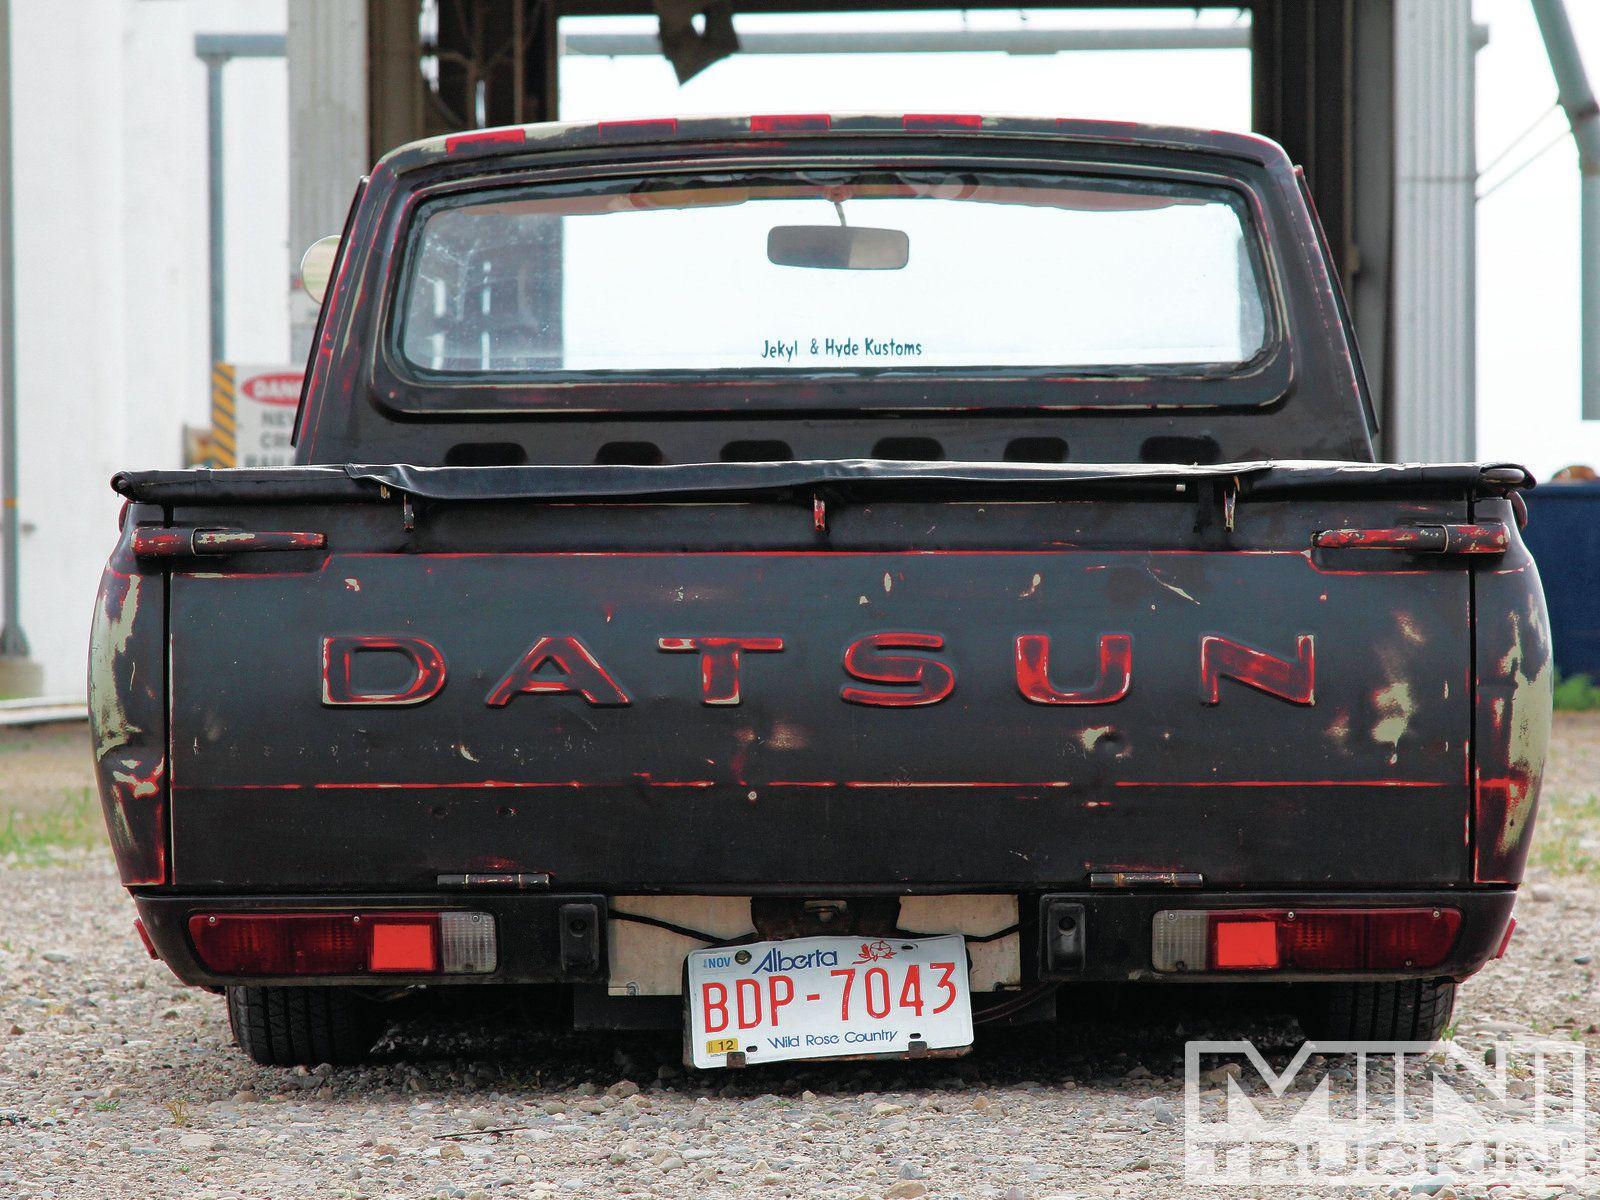 Nissan datsun 510 truck - 1973 Datsun 620 Tailgate Photo 9